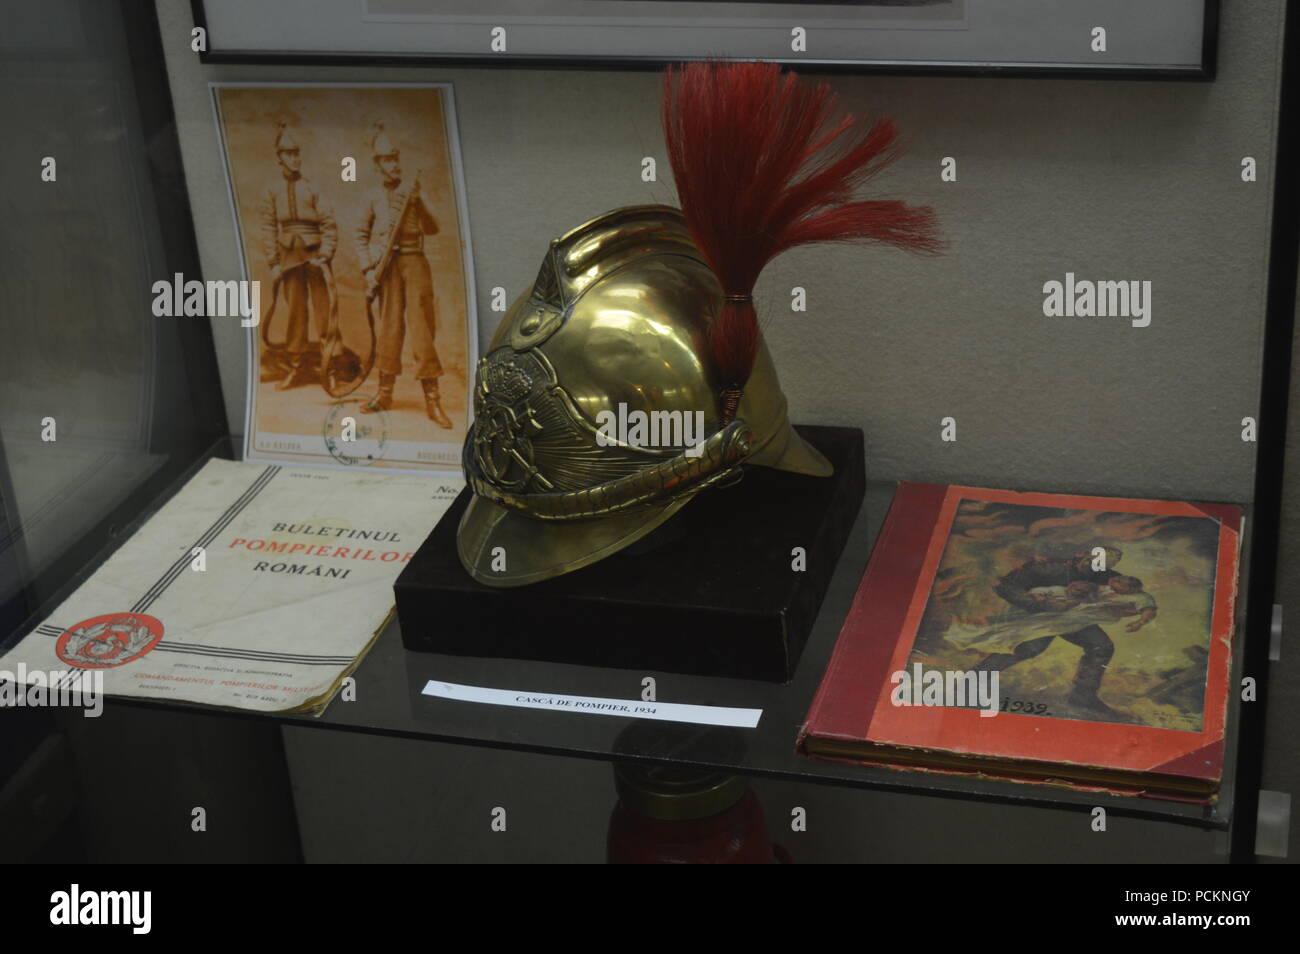 Fireman helmet - Stock Image